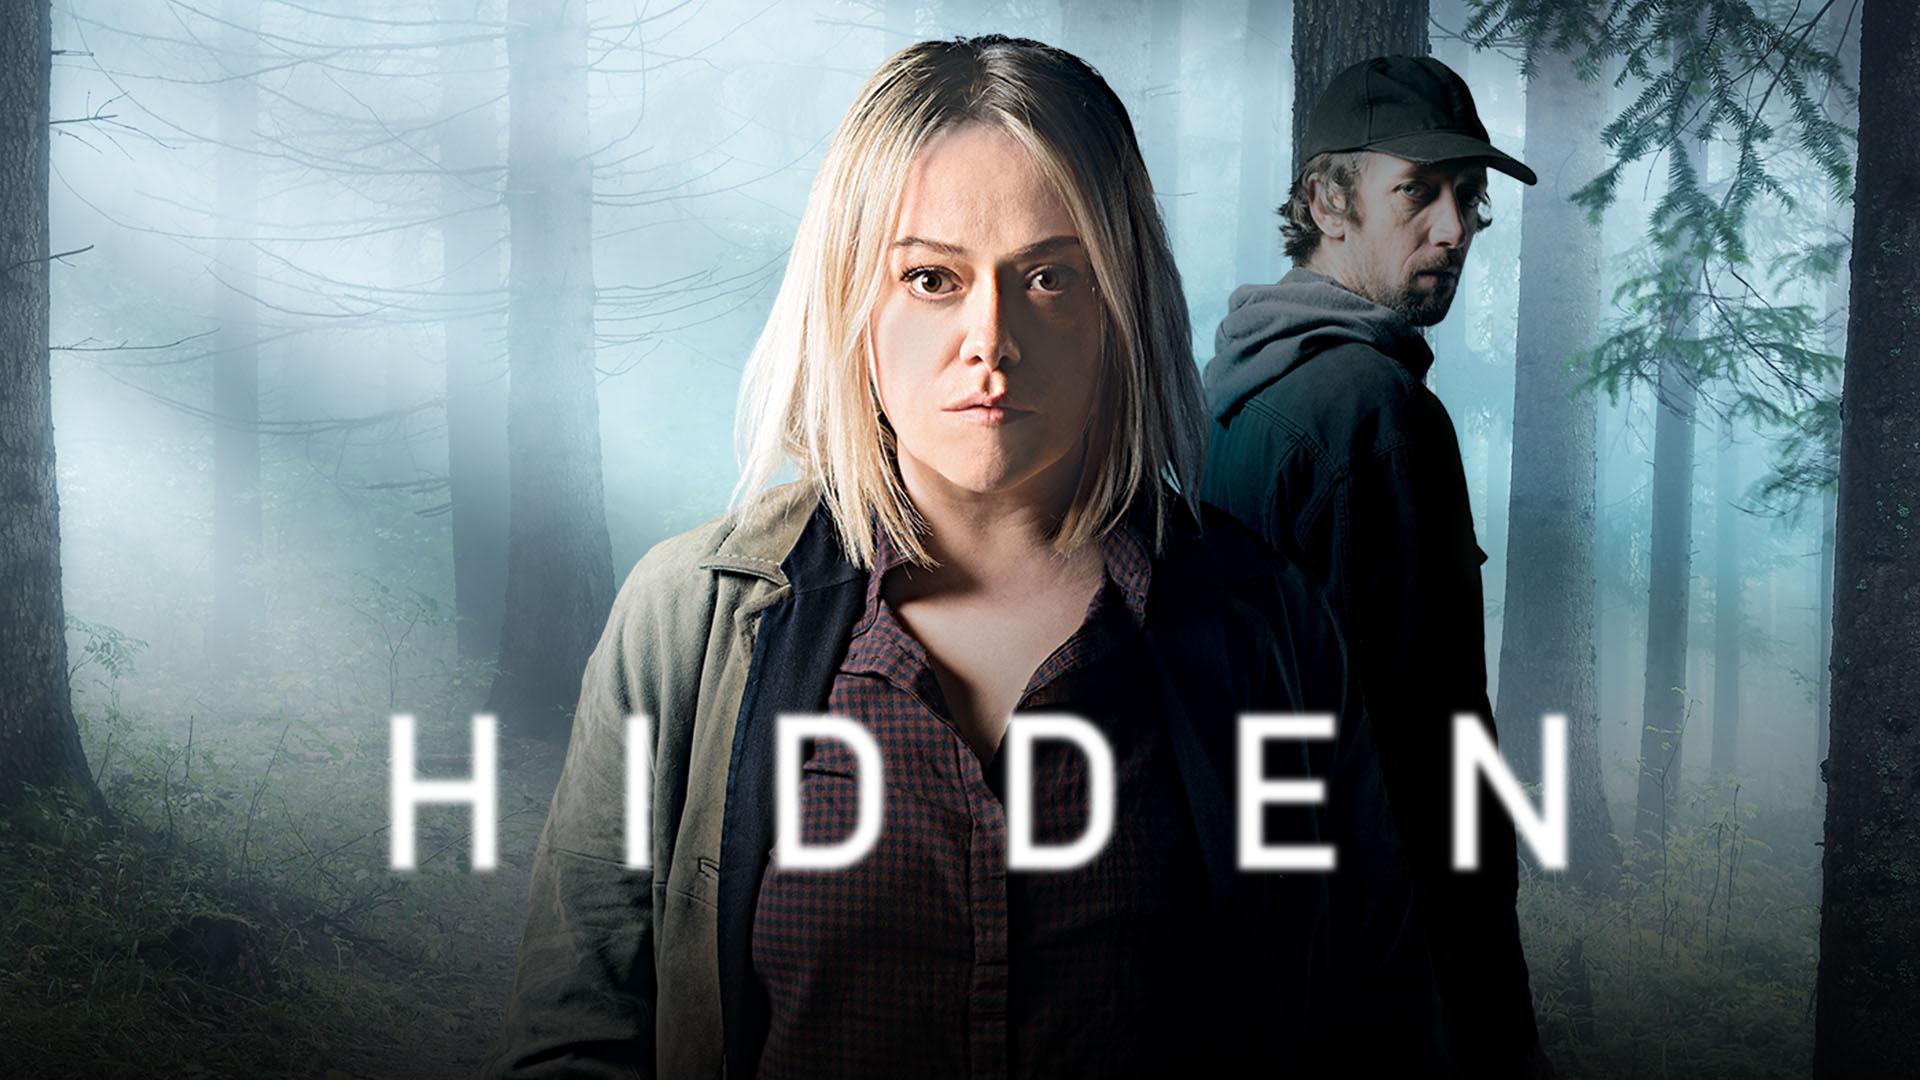 Hidden_1920x1080